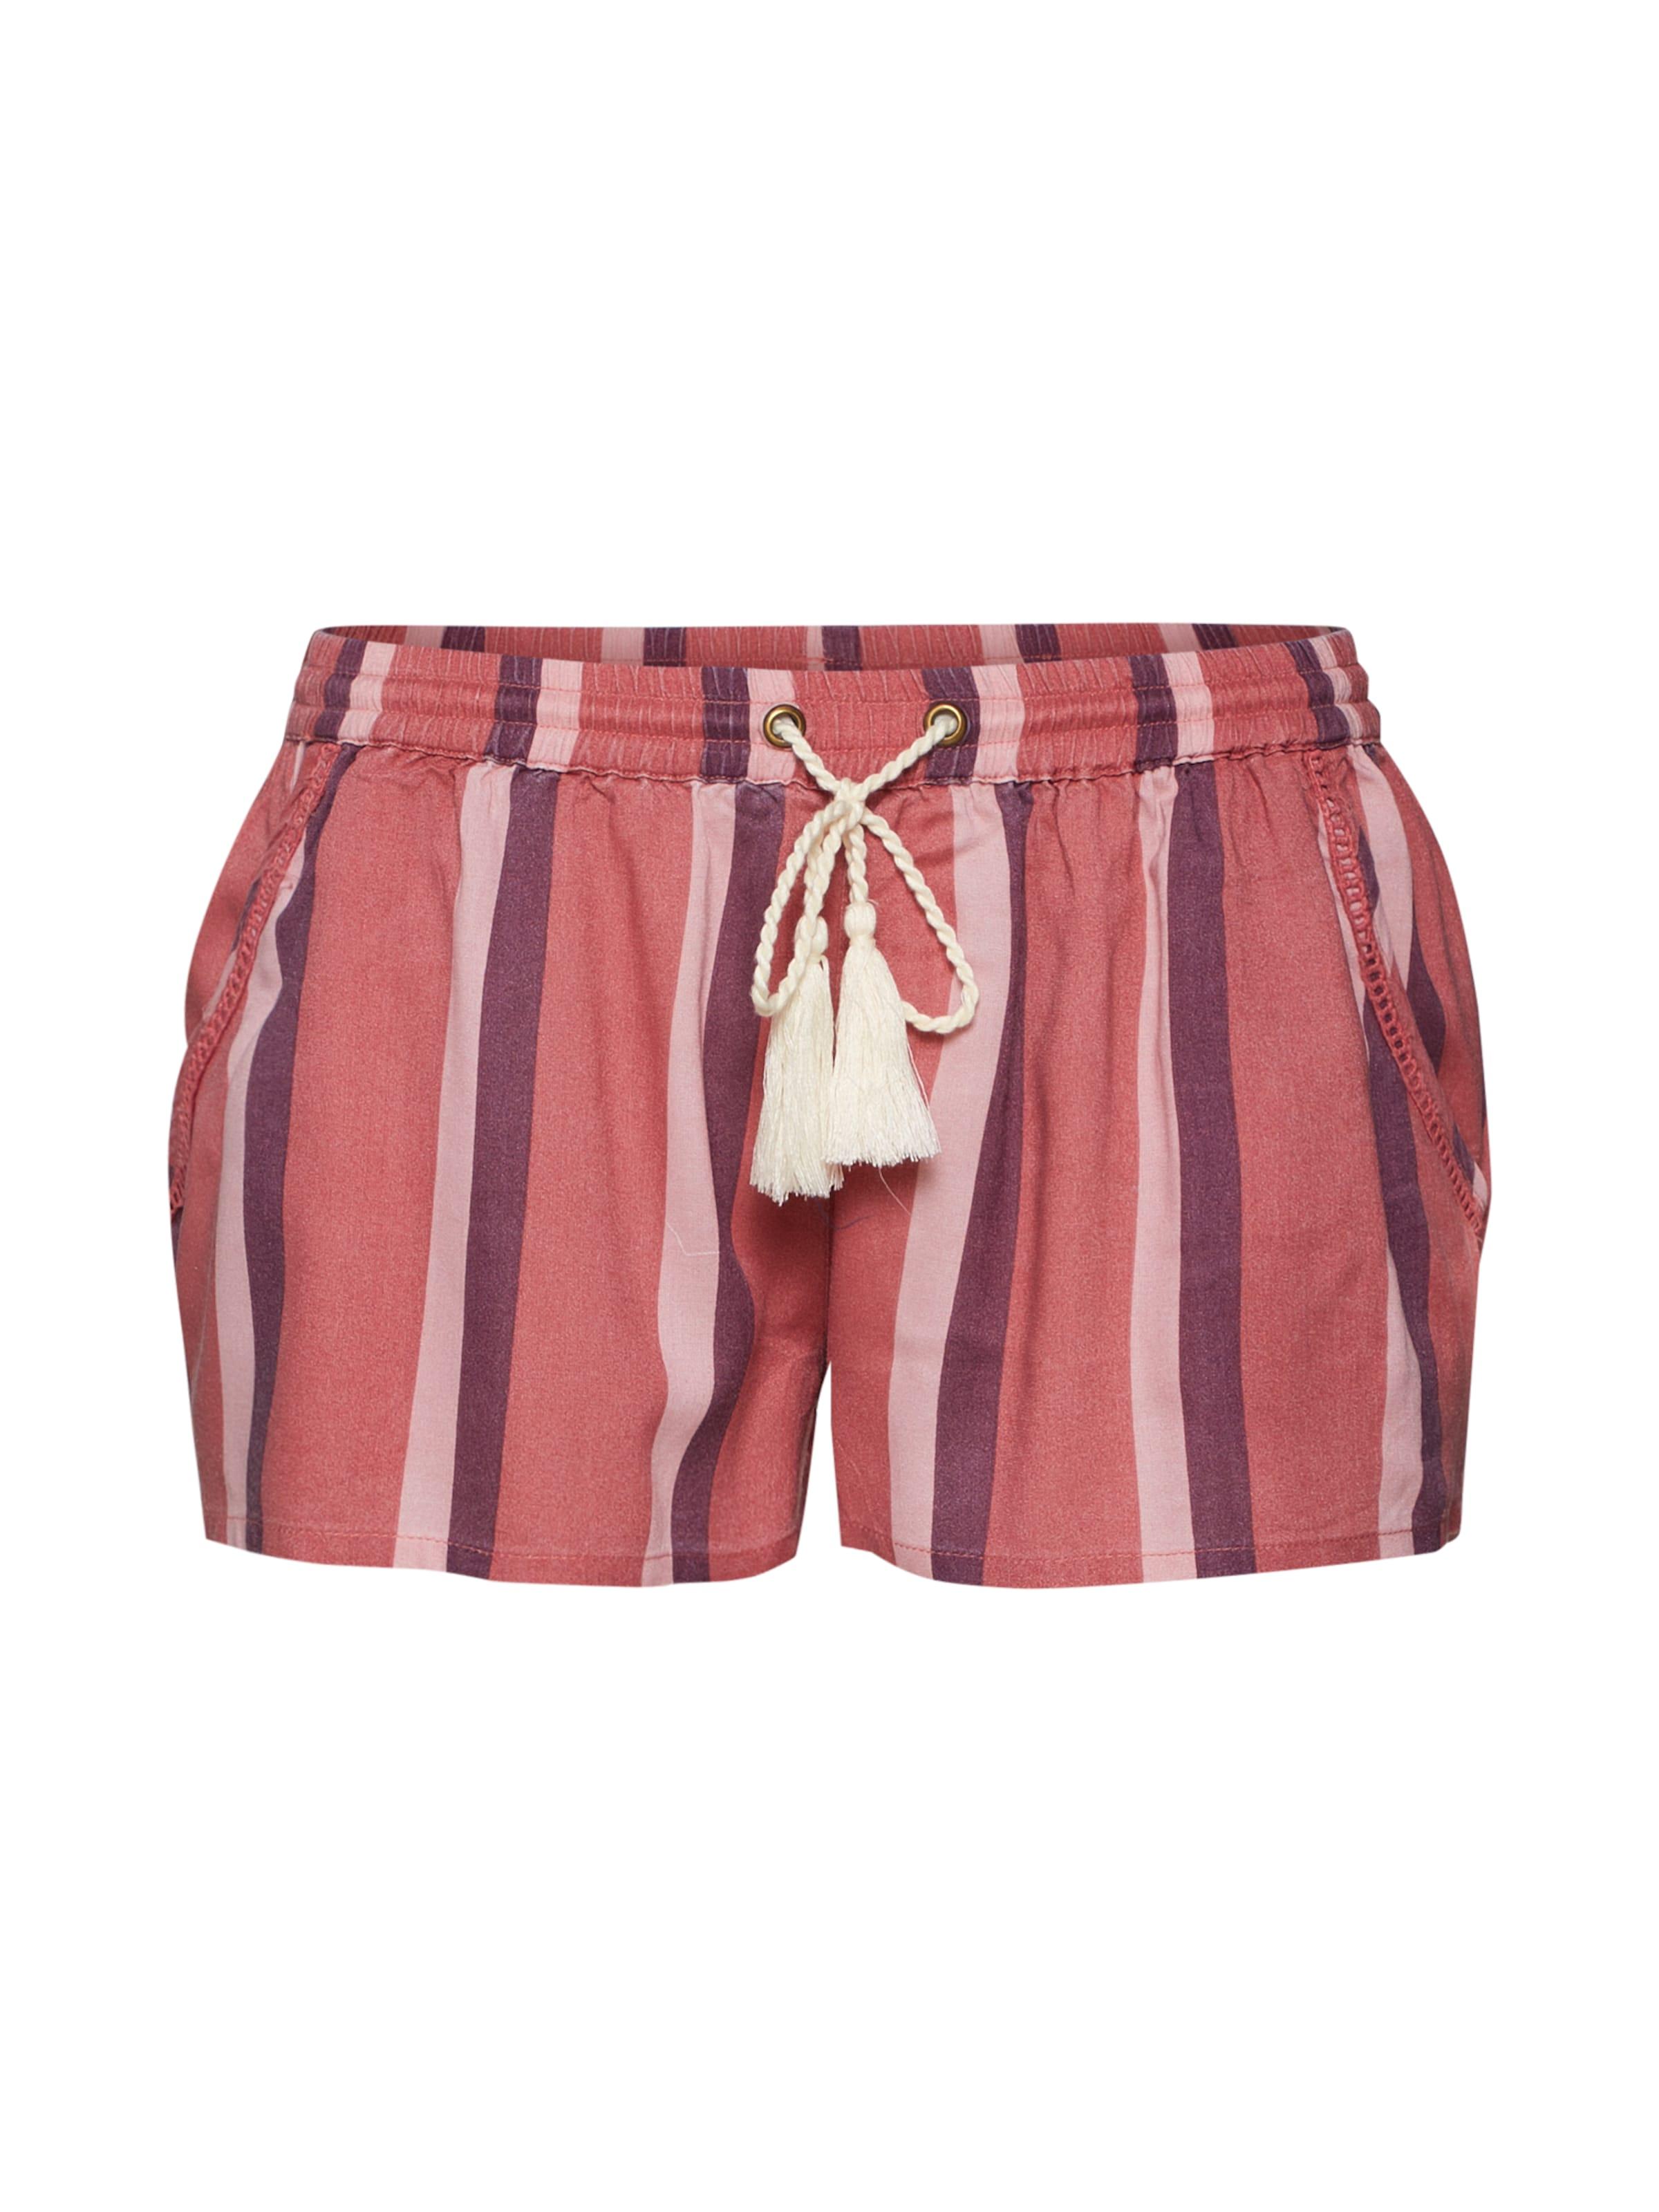 En 'lolti' Stories Pantalon Rose Femi yNmwvOP8n0